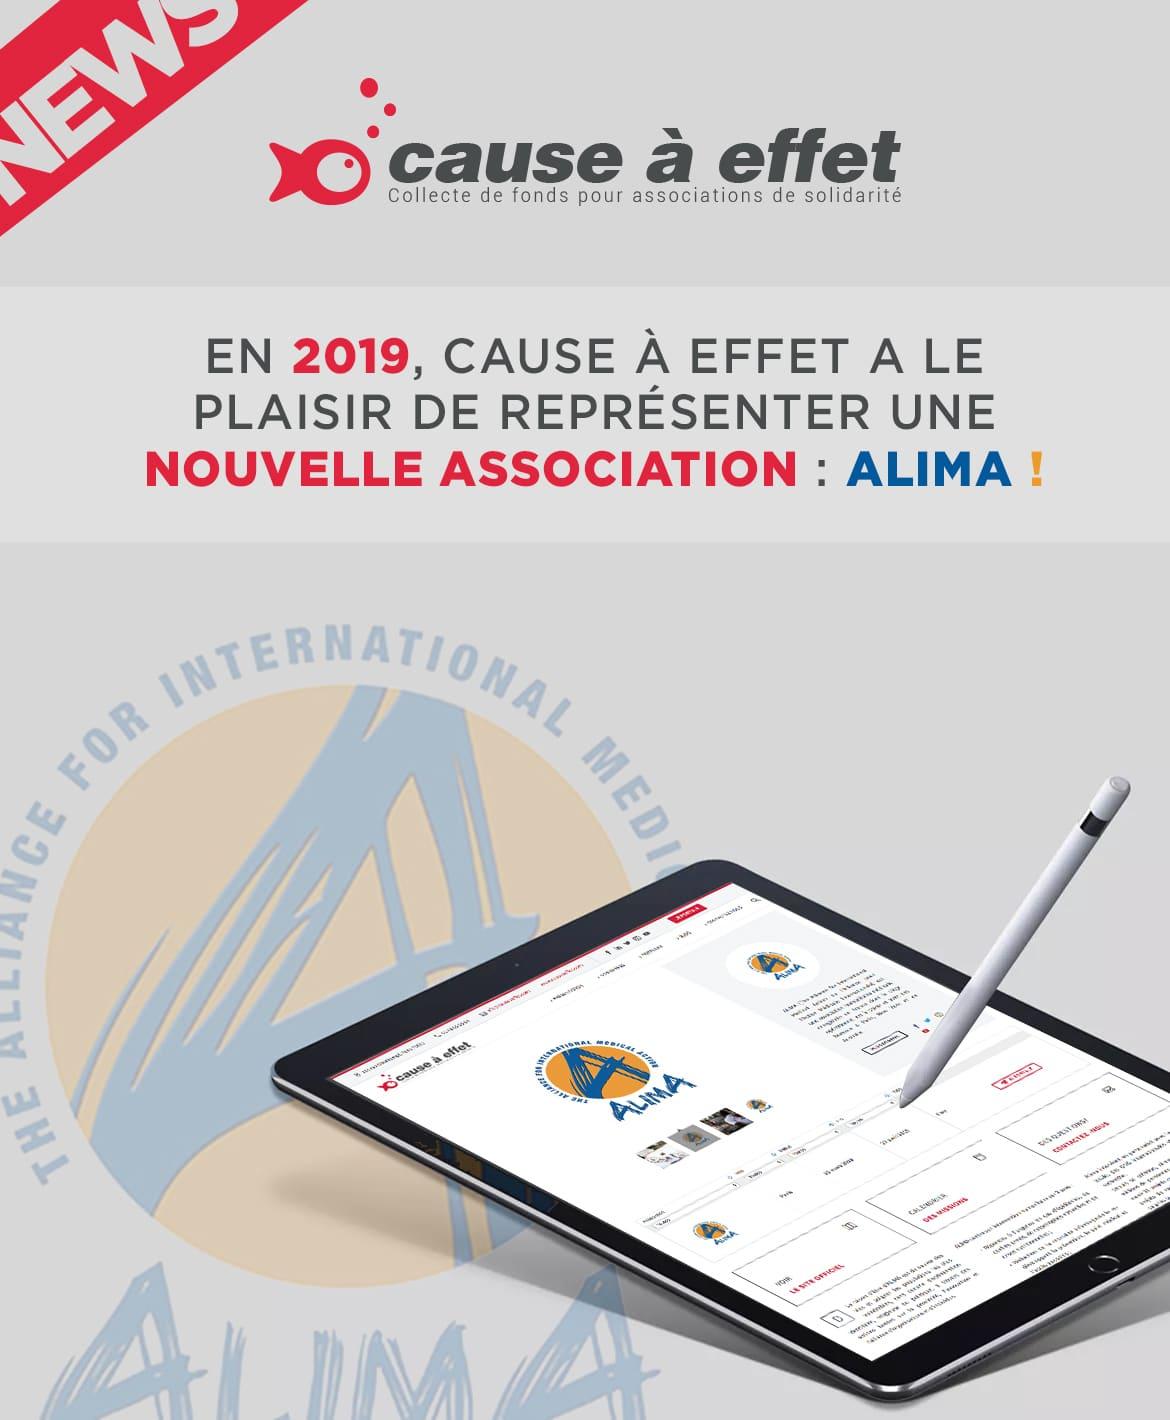 2019, Cause a Effet représente une nouvelle association : ALIMA